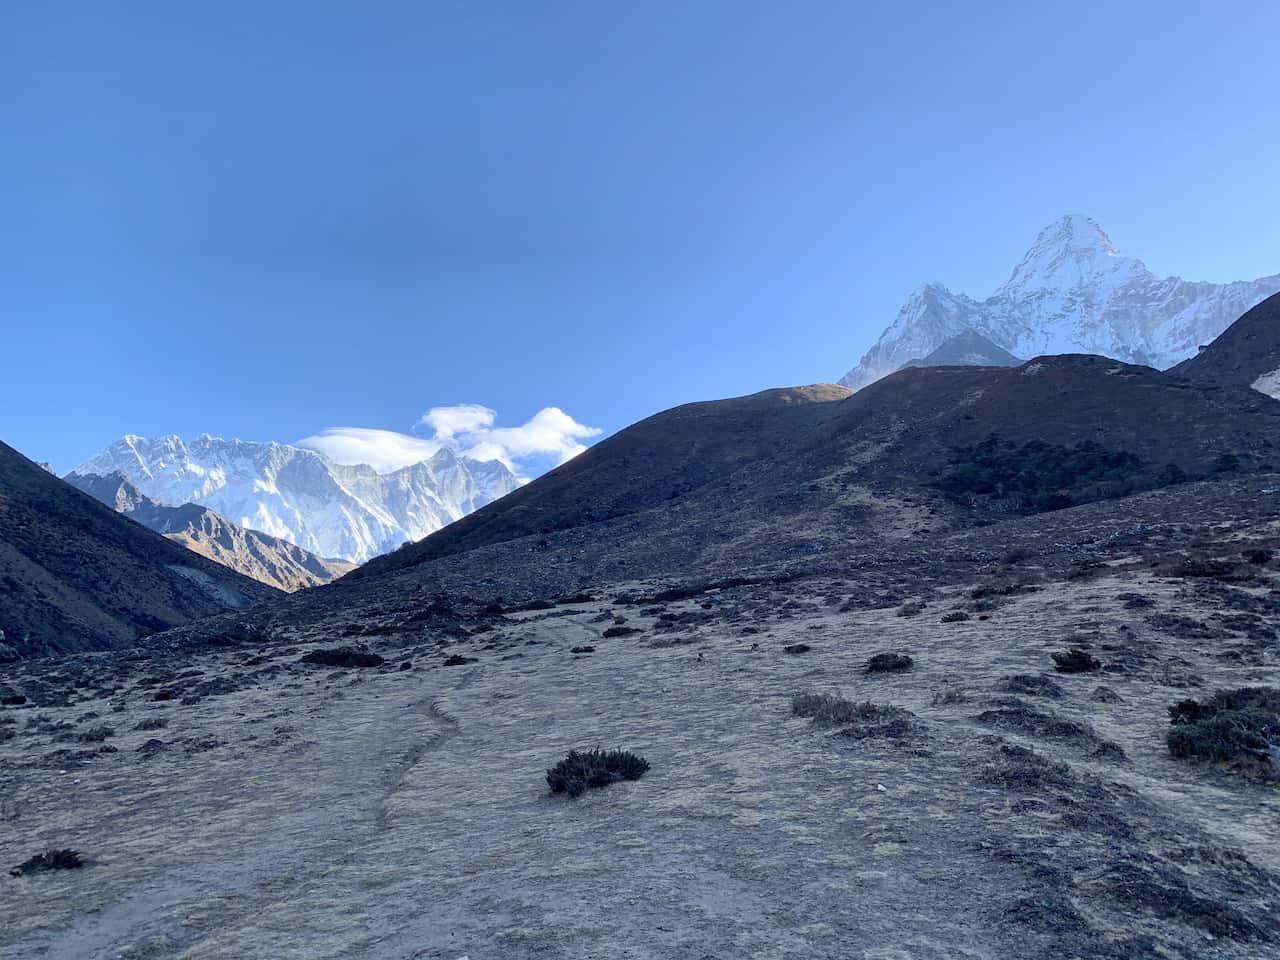 Trekking to Ama Dablam